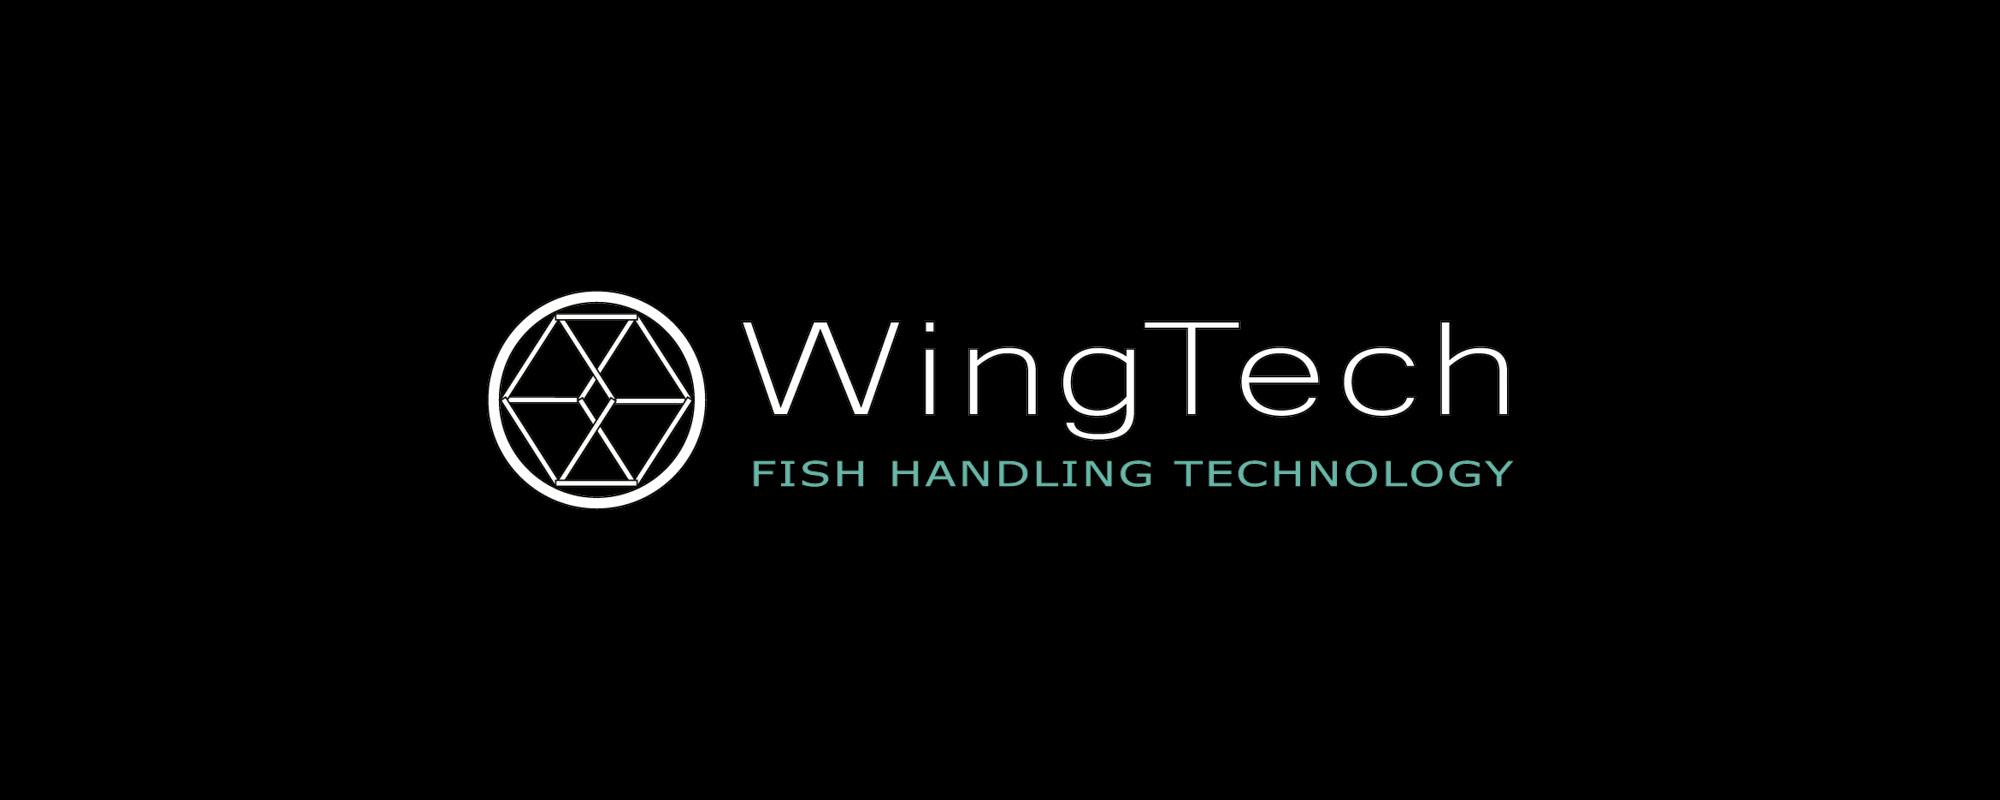 Wingtech_heading.jpg